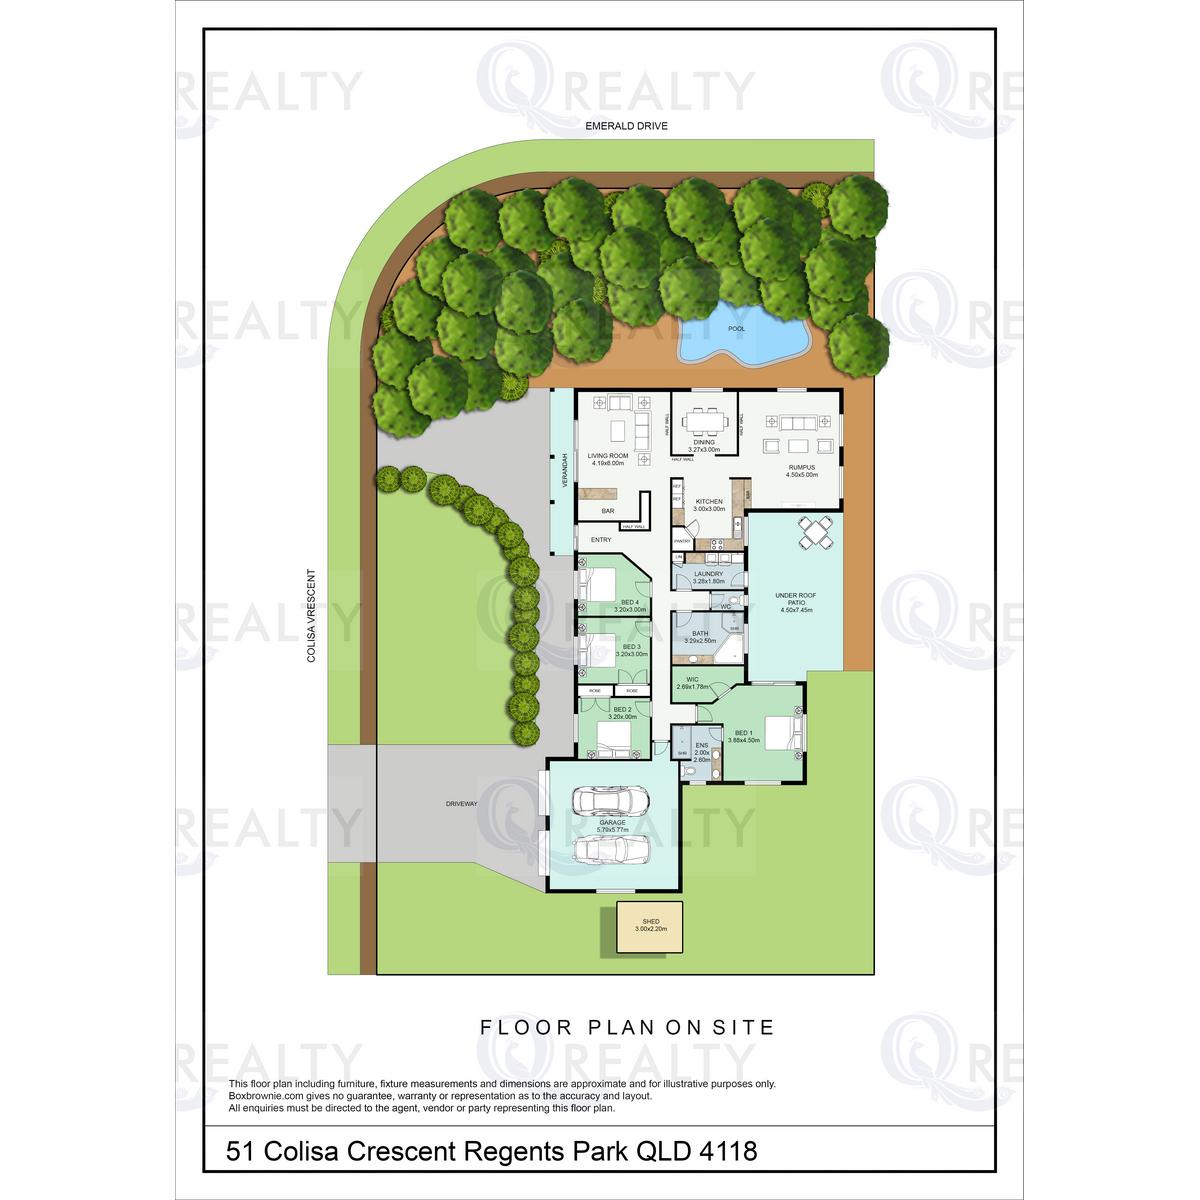 51 Colisa Crescent, Regents Park  QLD  4118